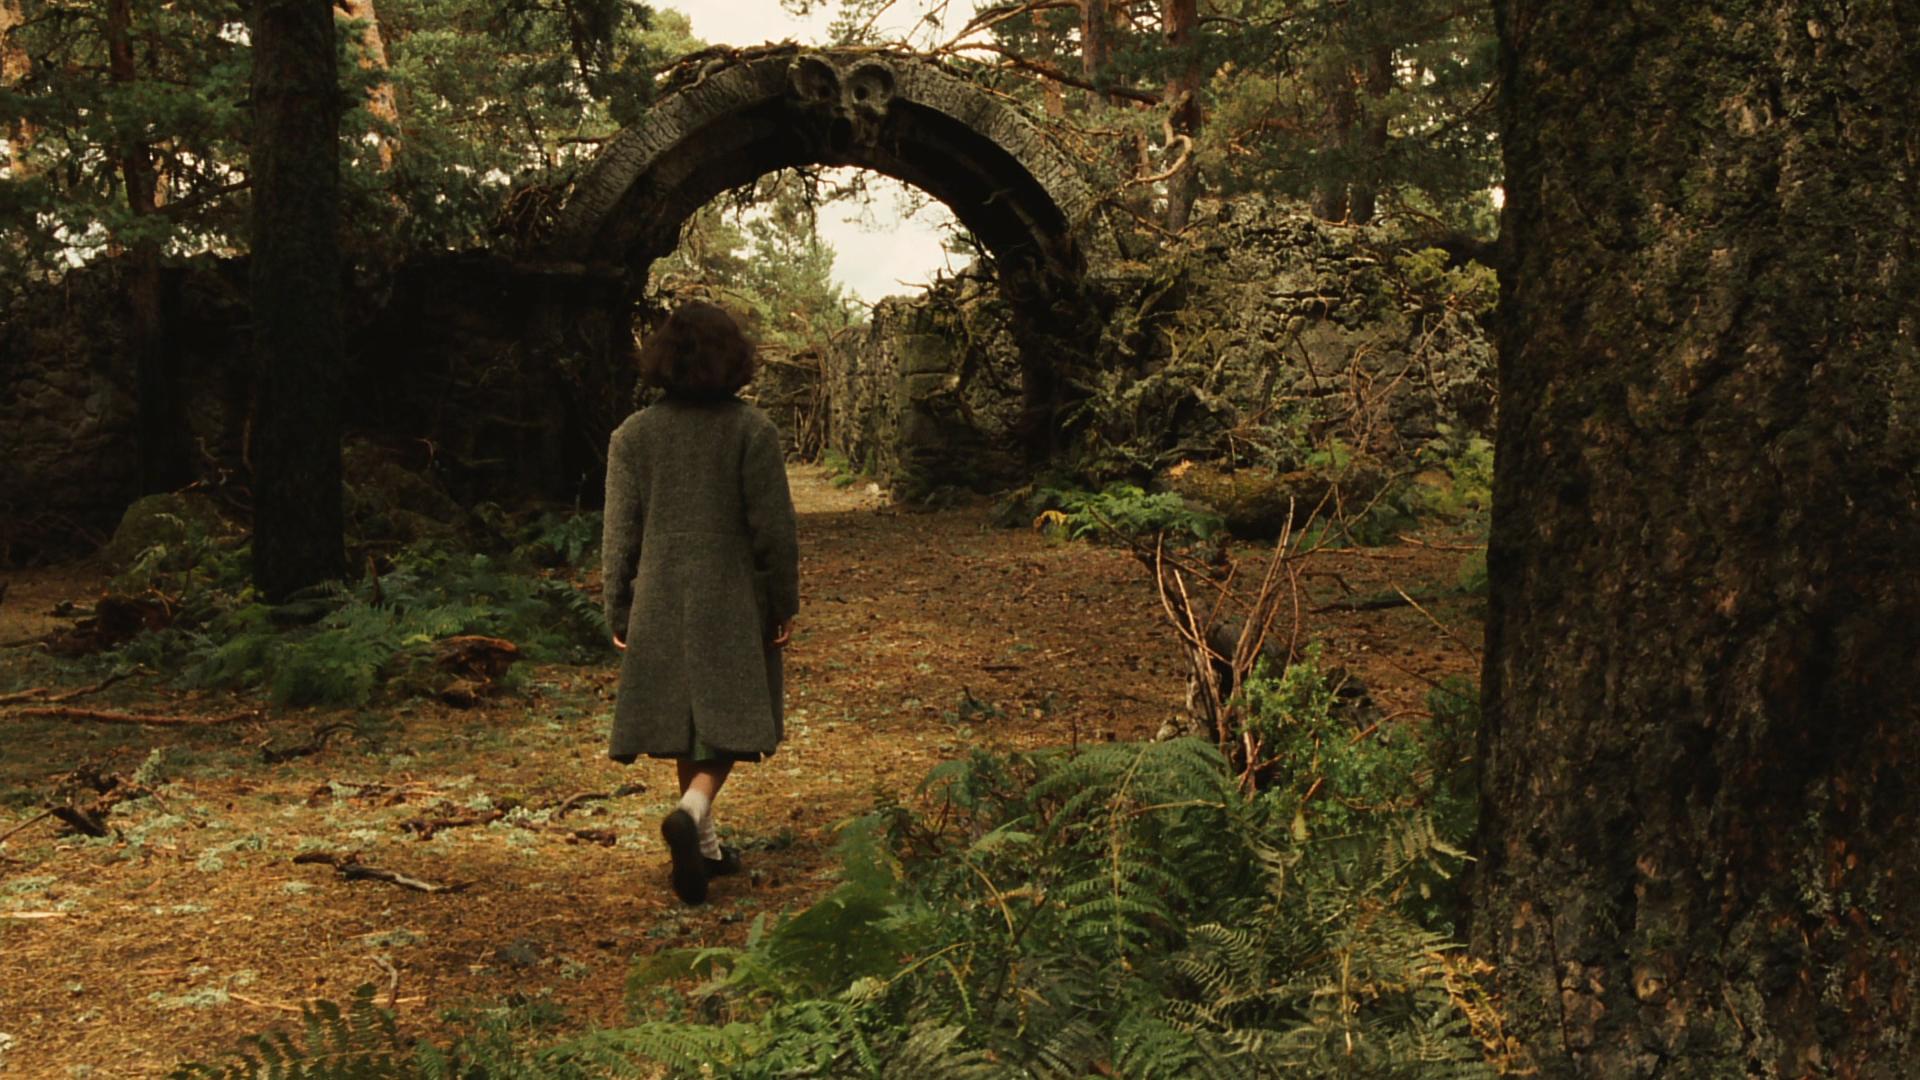 Pans Labyrinth - Auf dem Weg zu Pans Labyrinth